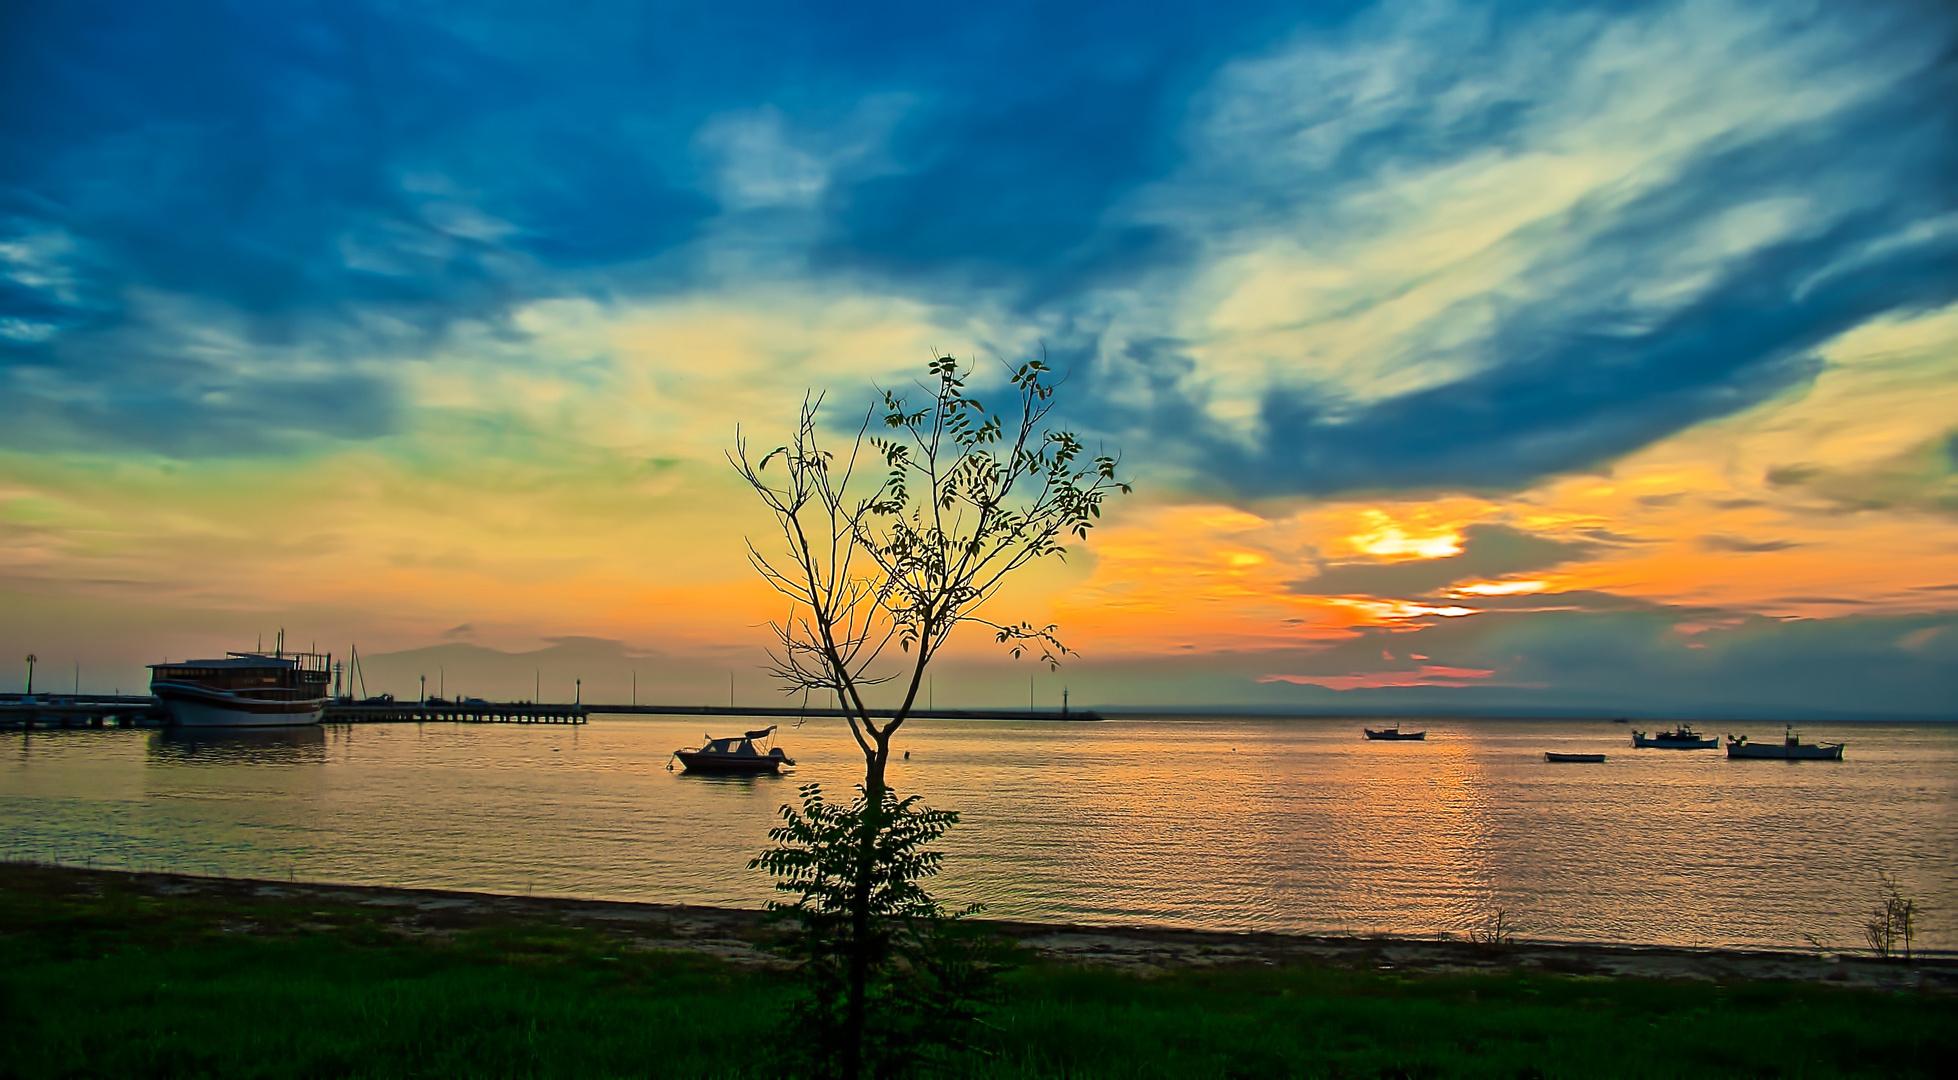 Sunset at Michaniona, Thessaloniki, Greece...